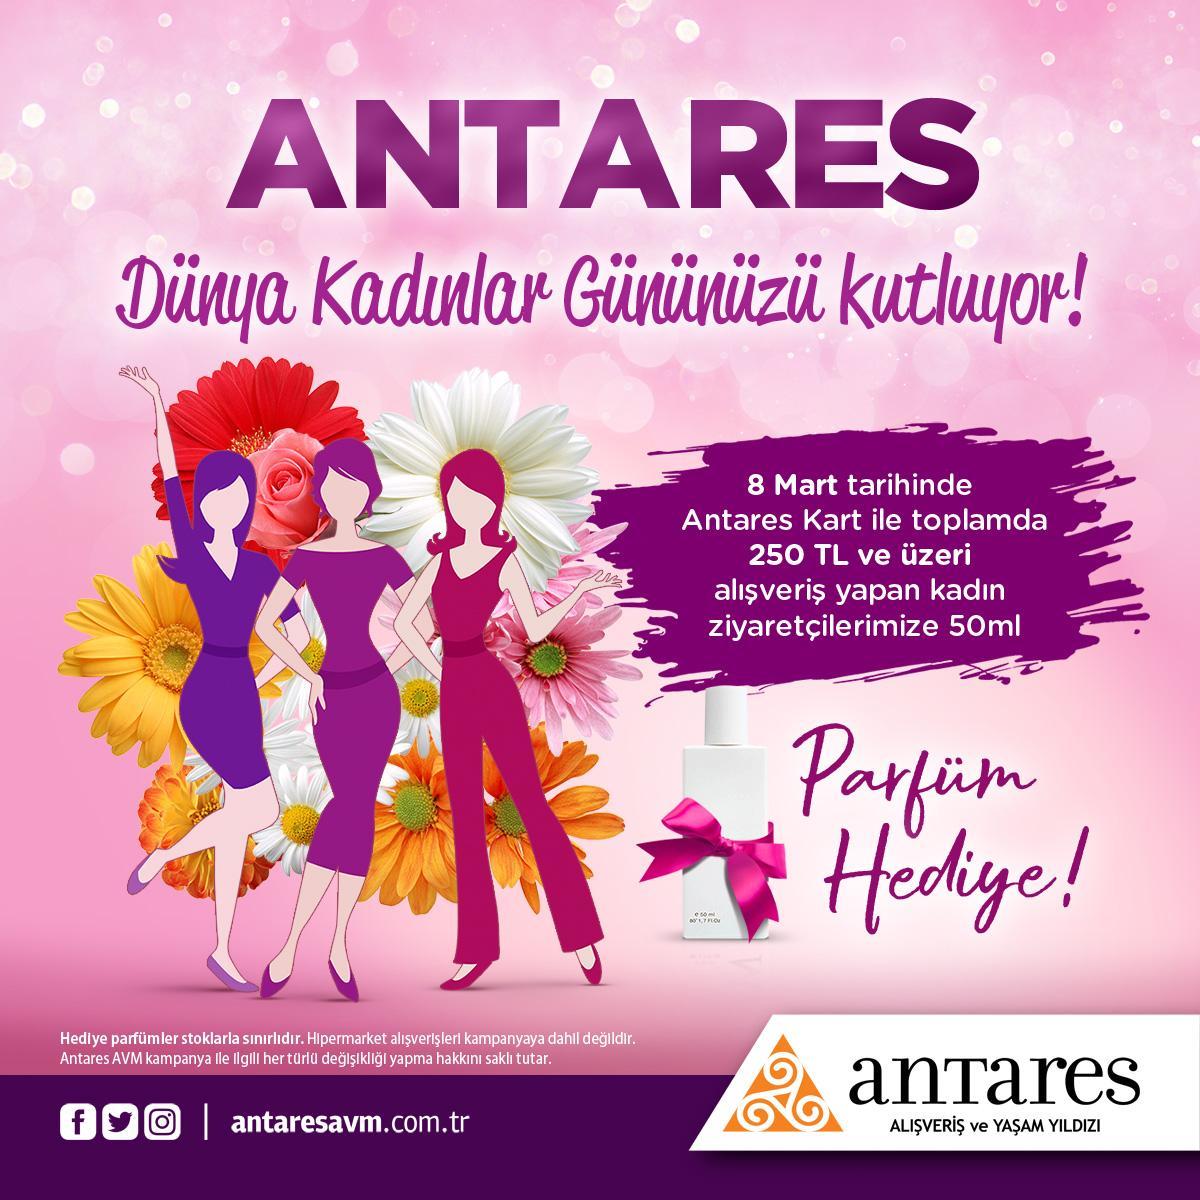 Antares'te her gün kadınlara özel